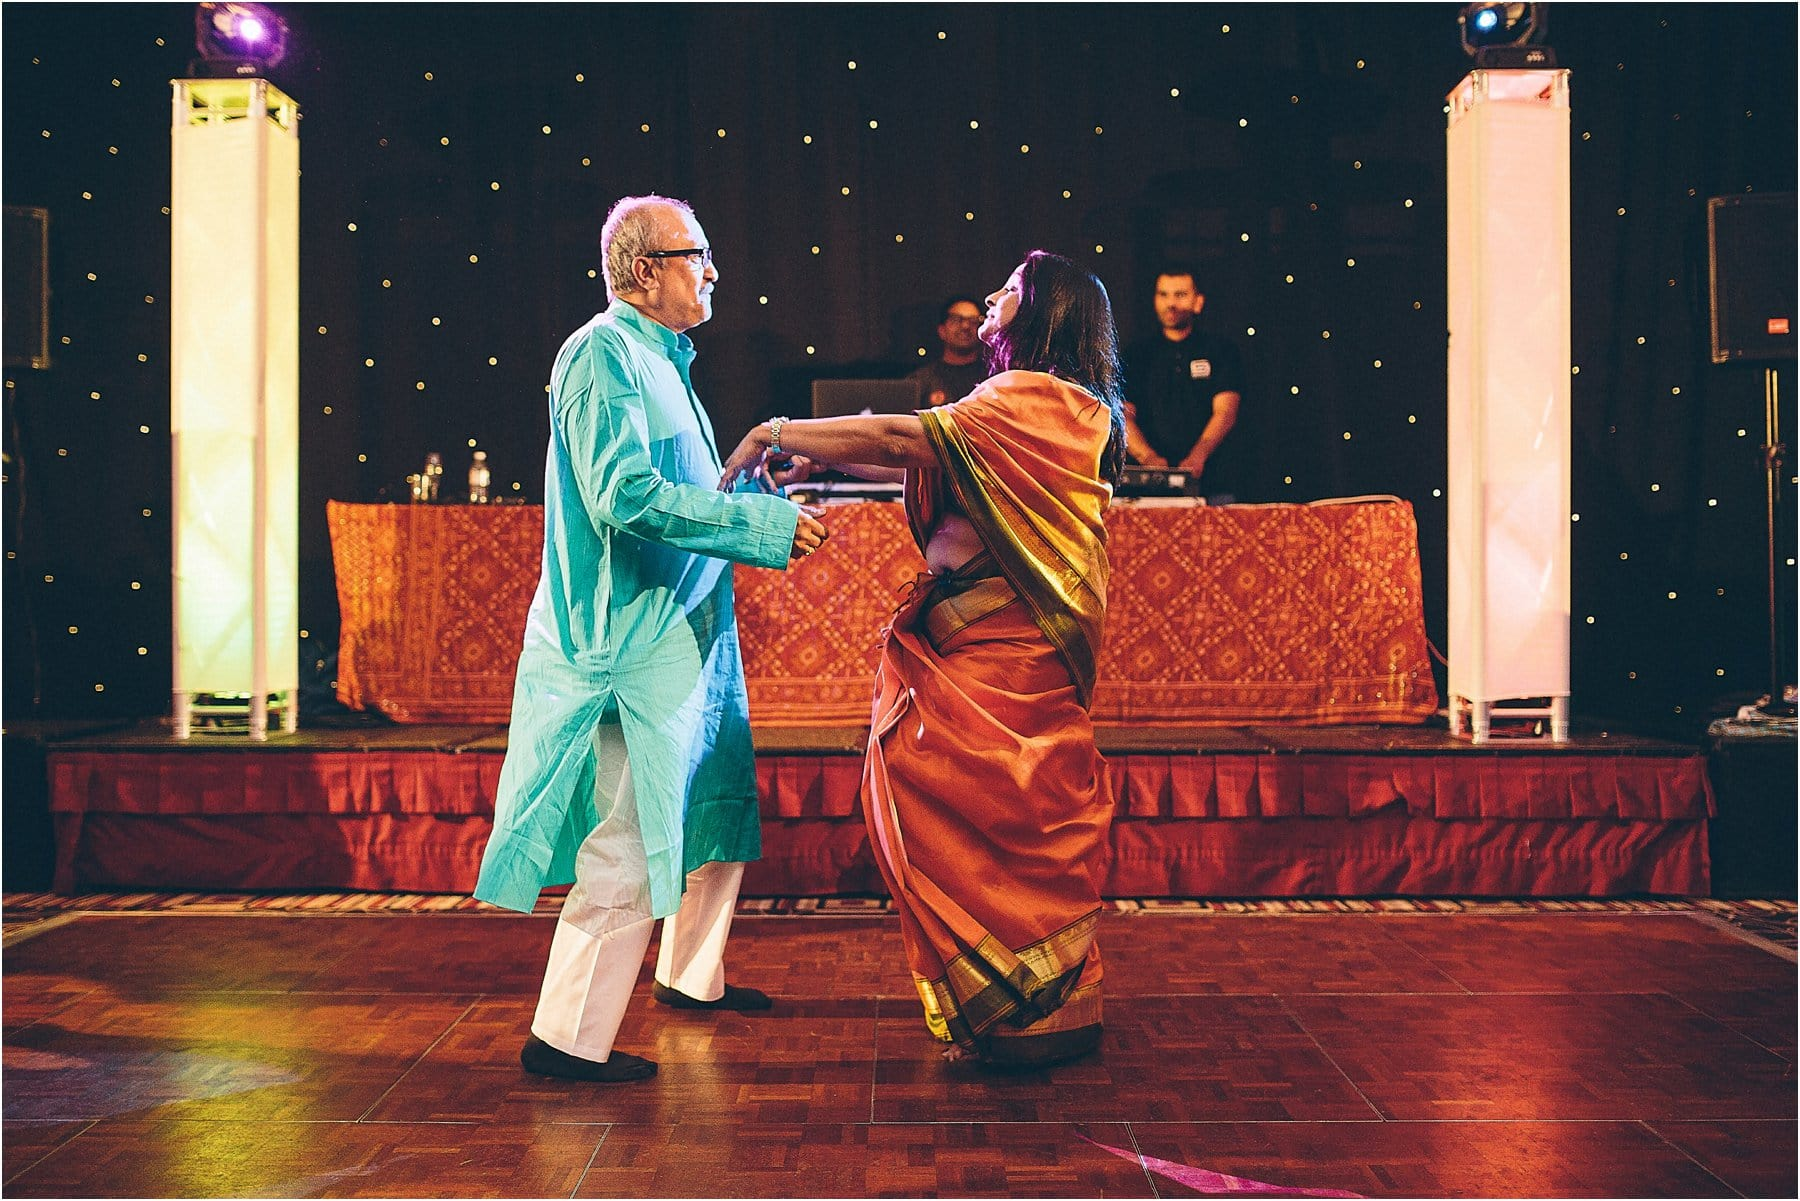 Lancashire_Indian_Wedding_Photography_0027